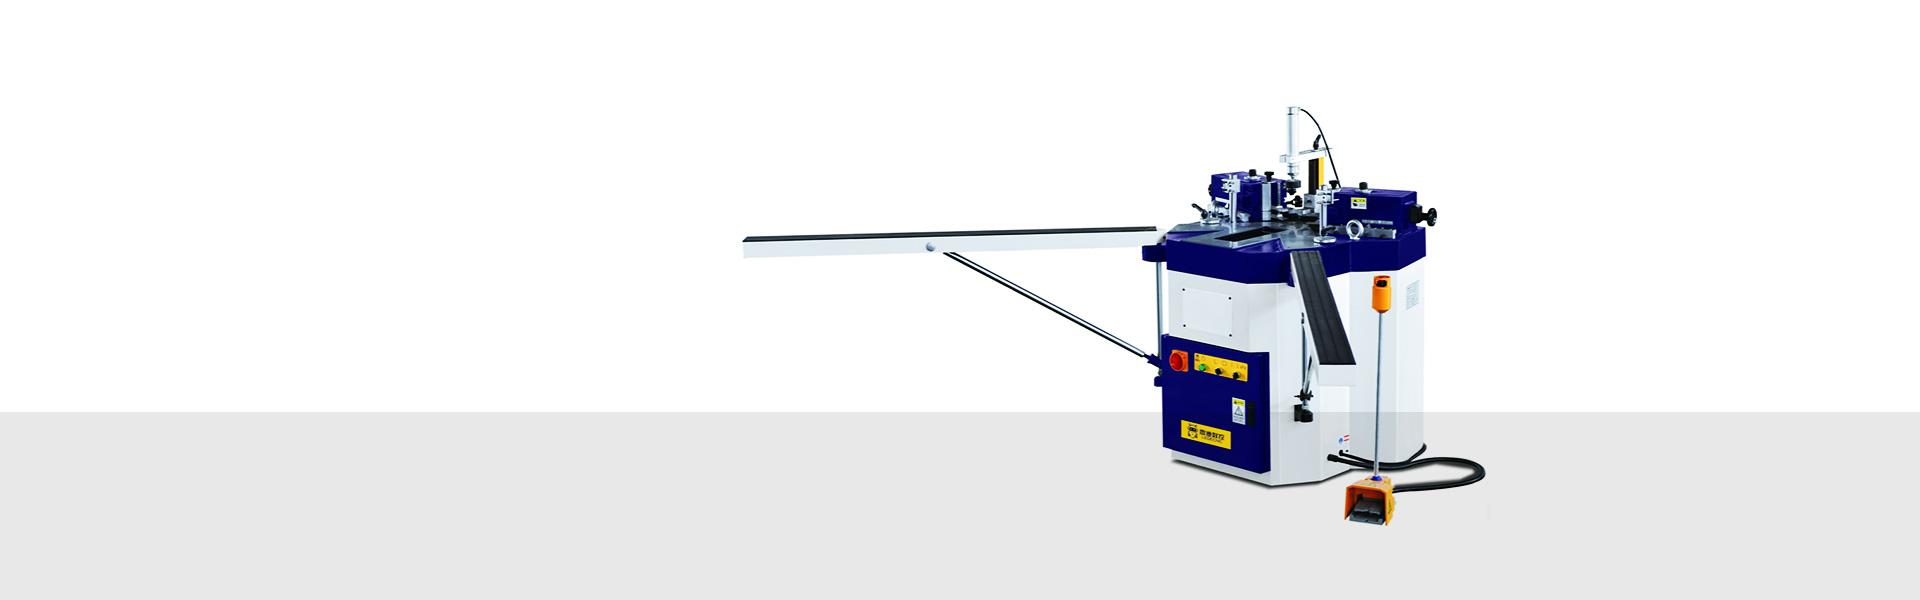 氣動組角機 Spinel 160